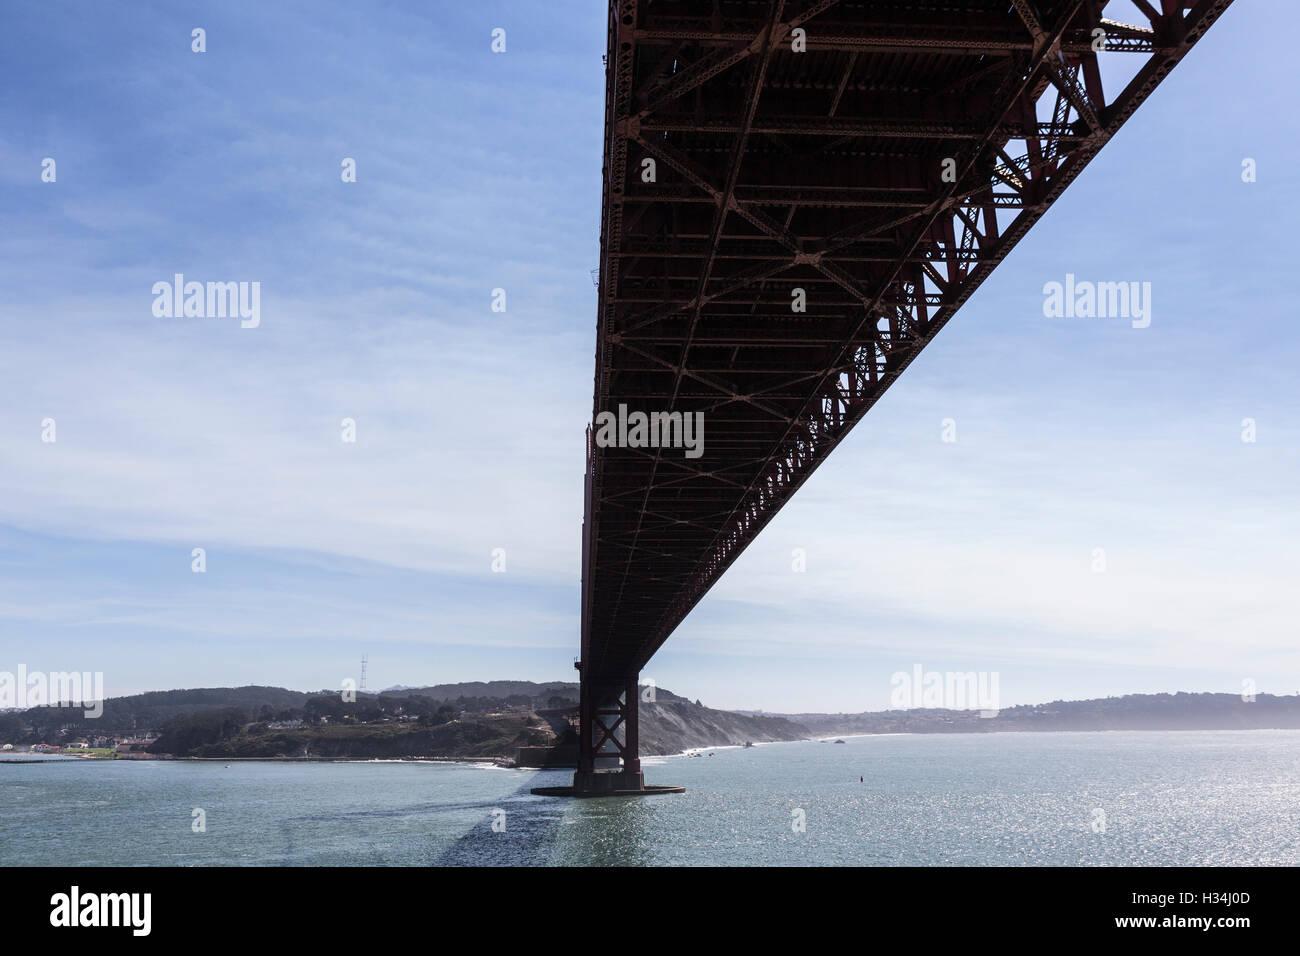 Bajo el puente Golden Gate en San Francisco, California. Imagen De Stock